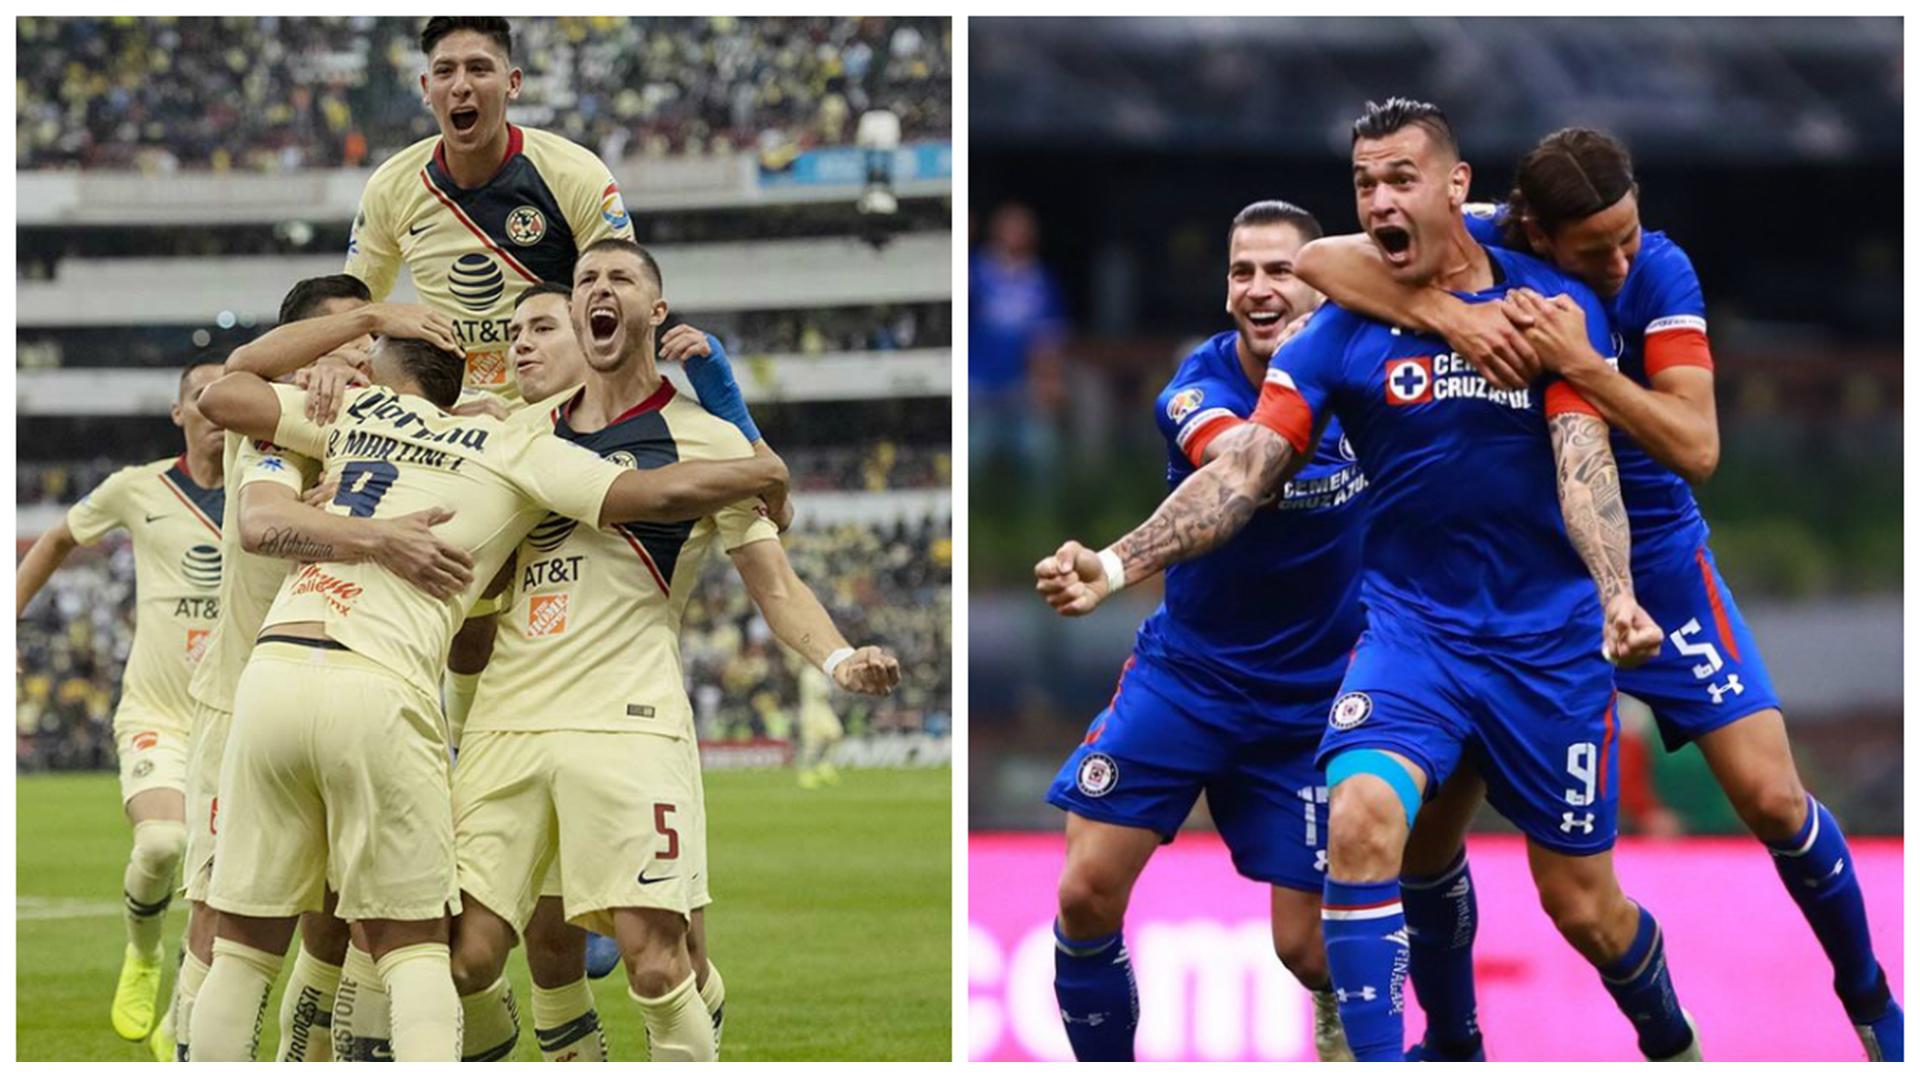 La última vez que estos equipos se vieron las caras en una final fue en 2013 (Foto: Especial)